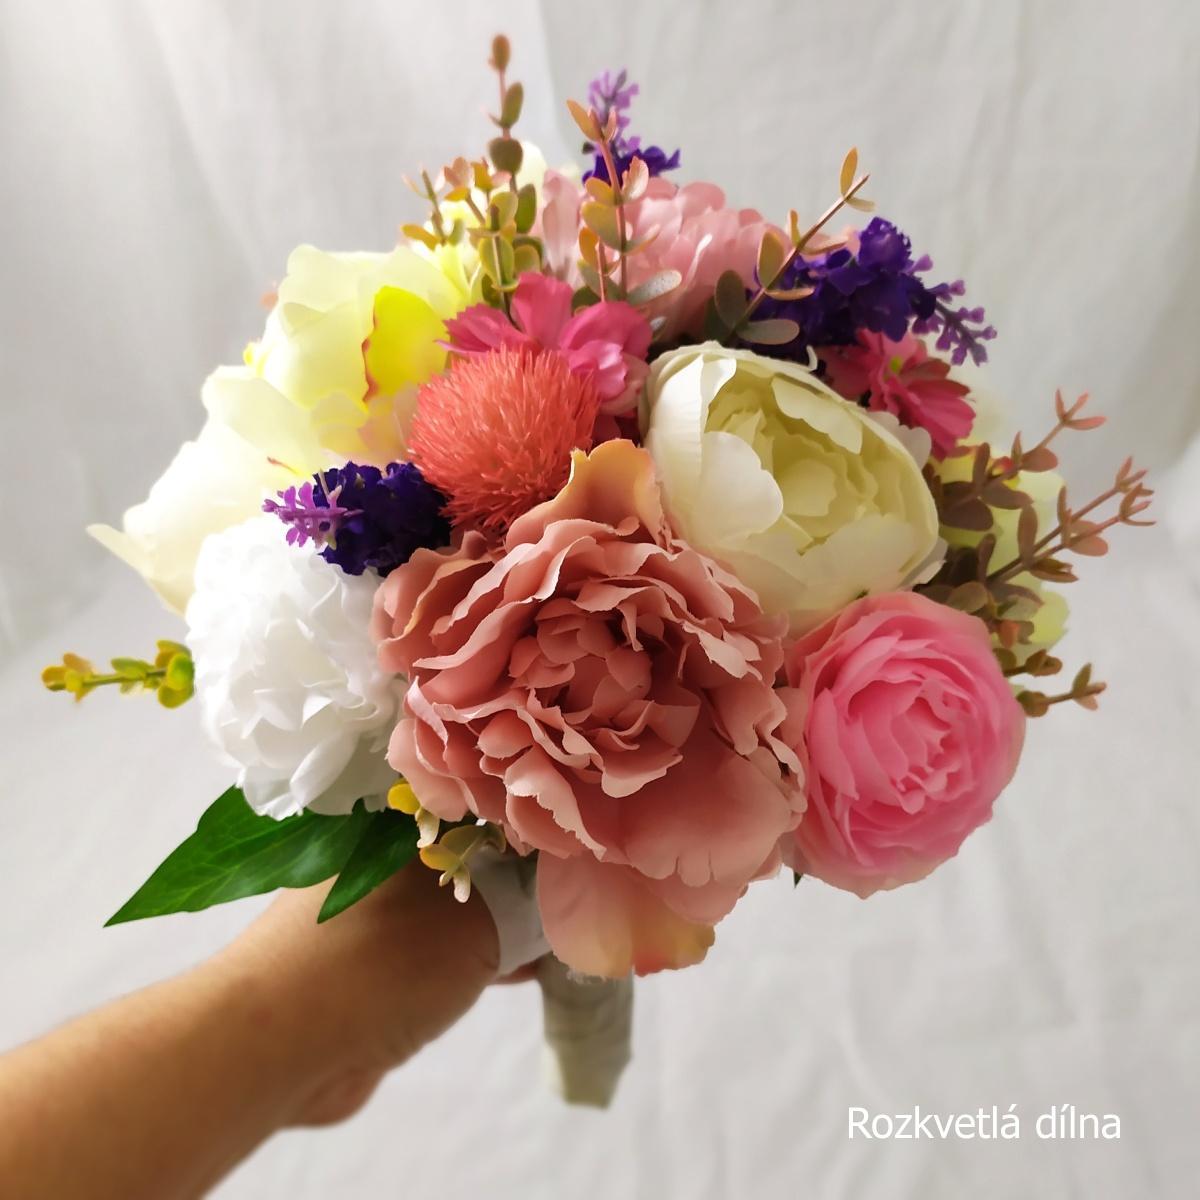 Látkové květiny z Rozkvetlé dílny - Obrázek č. 6